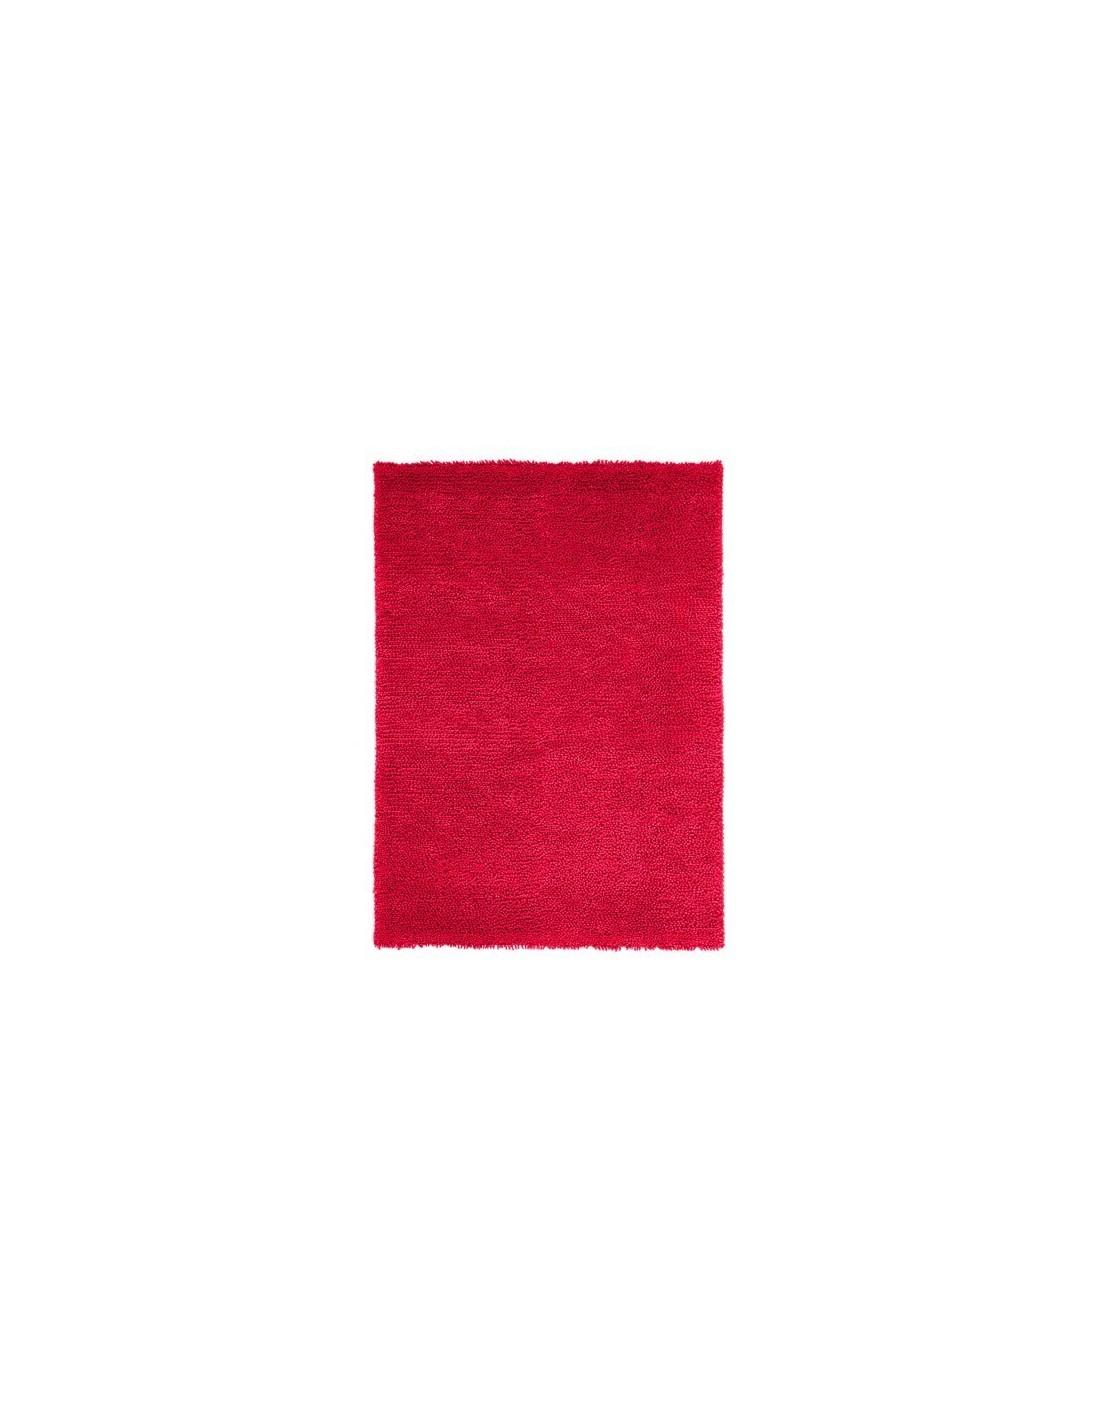 contemporary rug rug nanimarquina velvet reds designed by. Black Bedroom Furniture Sets. Home Design Ideas